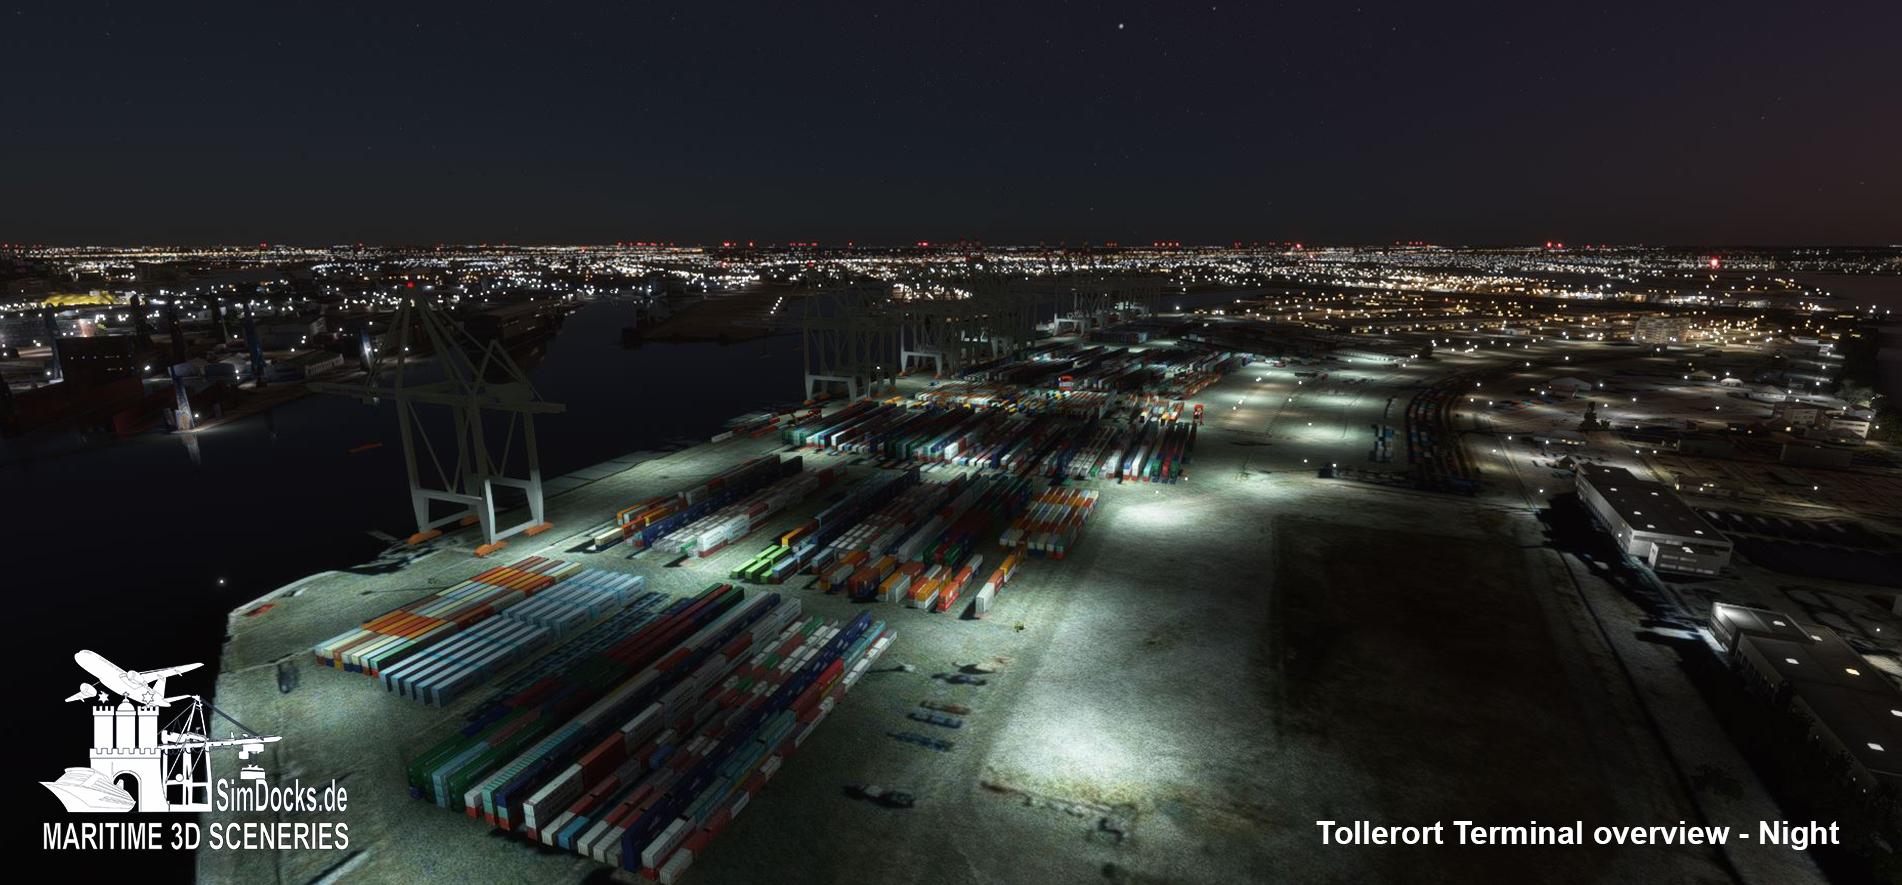 Bild21_Terminal_Tollerort_Ueberblick_Nacht.JPG